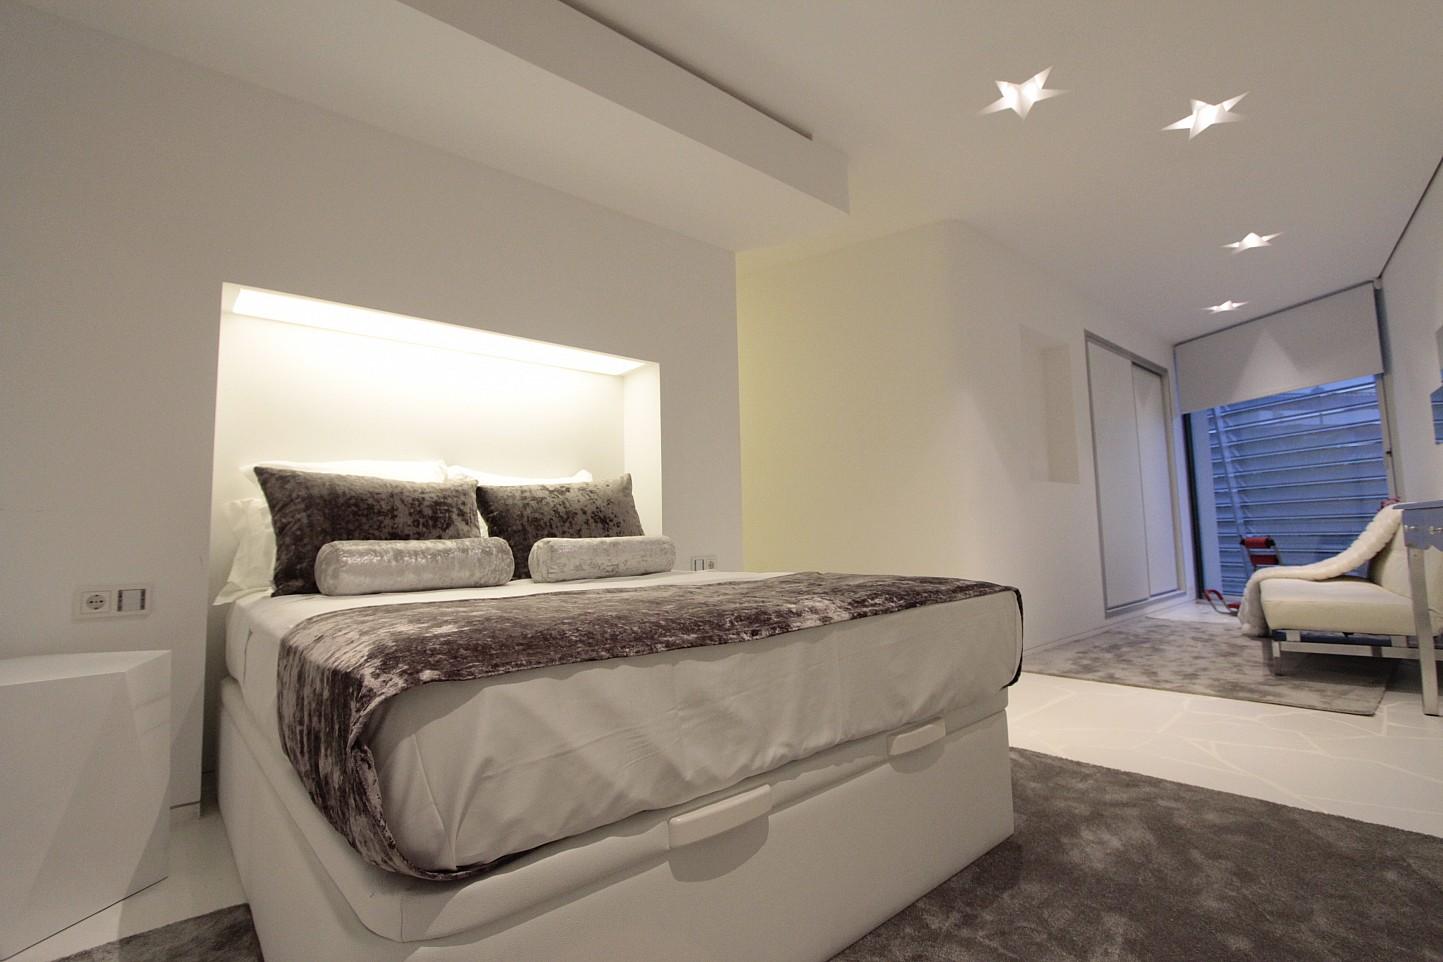 Чудесная дизайнерская спальня в апартаментах в замечательном жилом комплексе на продажу на Ибице